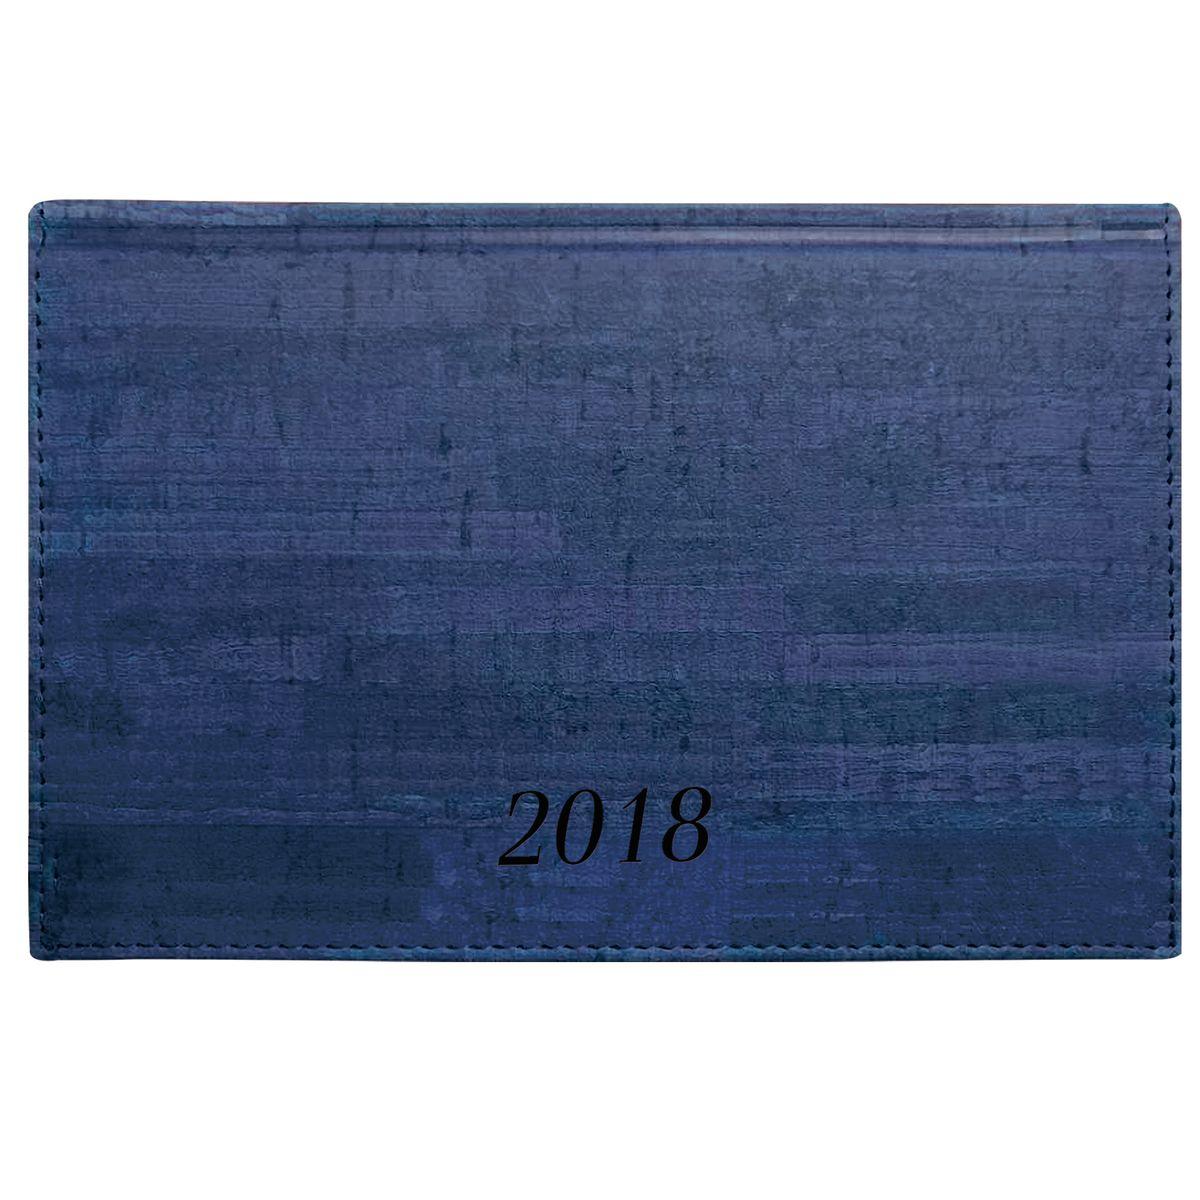 Brauberg Еженедельник датированный Wood 2018 формат А6 цвет синий128230Формат - А6 (95х155 мм).Датированный 2018 годом.Обложка - благородное дерево.Внутренний блок - белая бумага (офсет), 70 г/м2.64 листа.Печать в две краски.Прошит по периметру.Закладка-ляссе.Обширный справочный материал.Обложка подходит для горячего тиснения и тиснения фольгой.Цвет - синий.